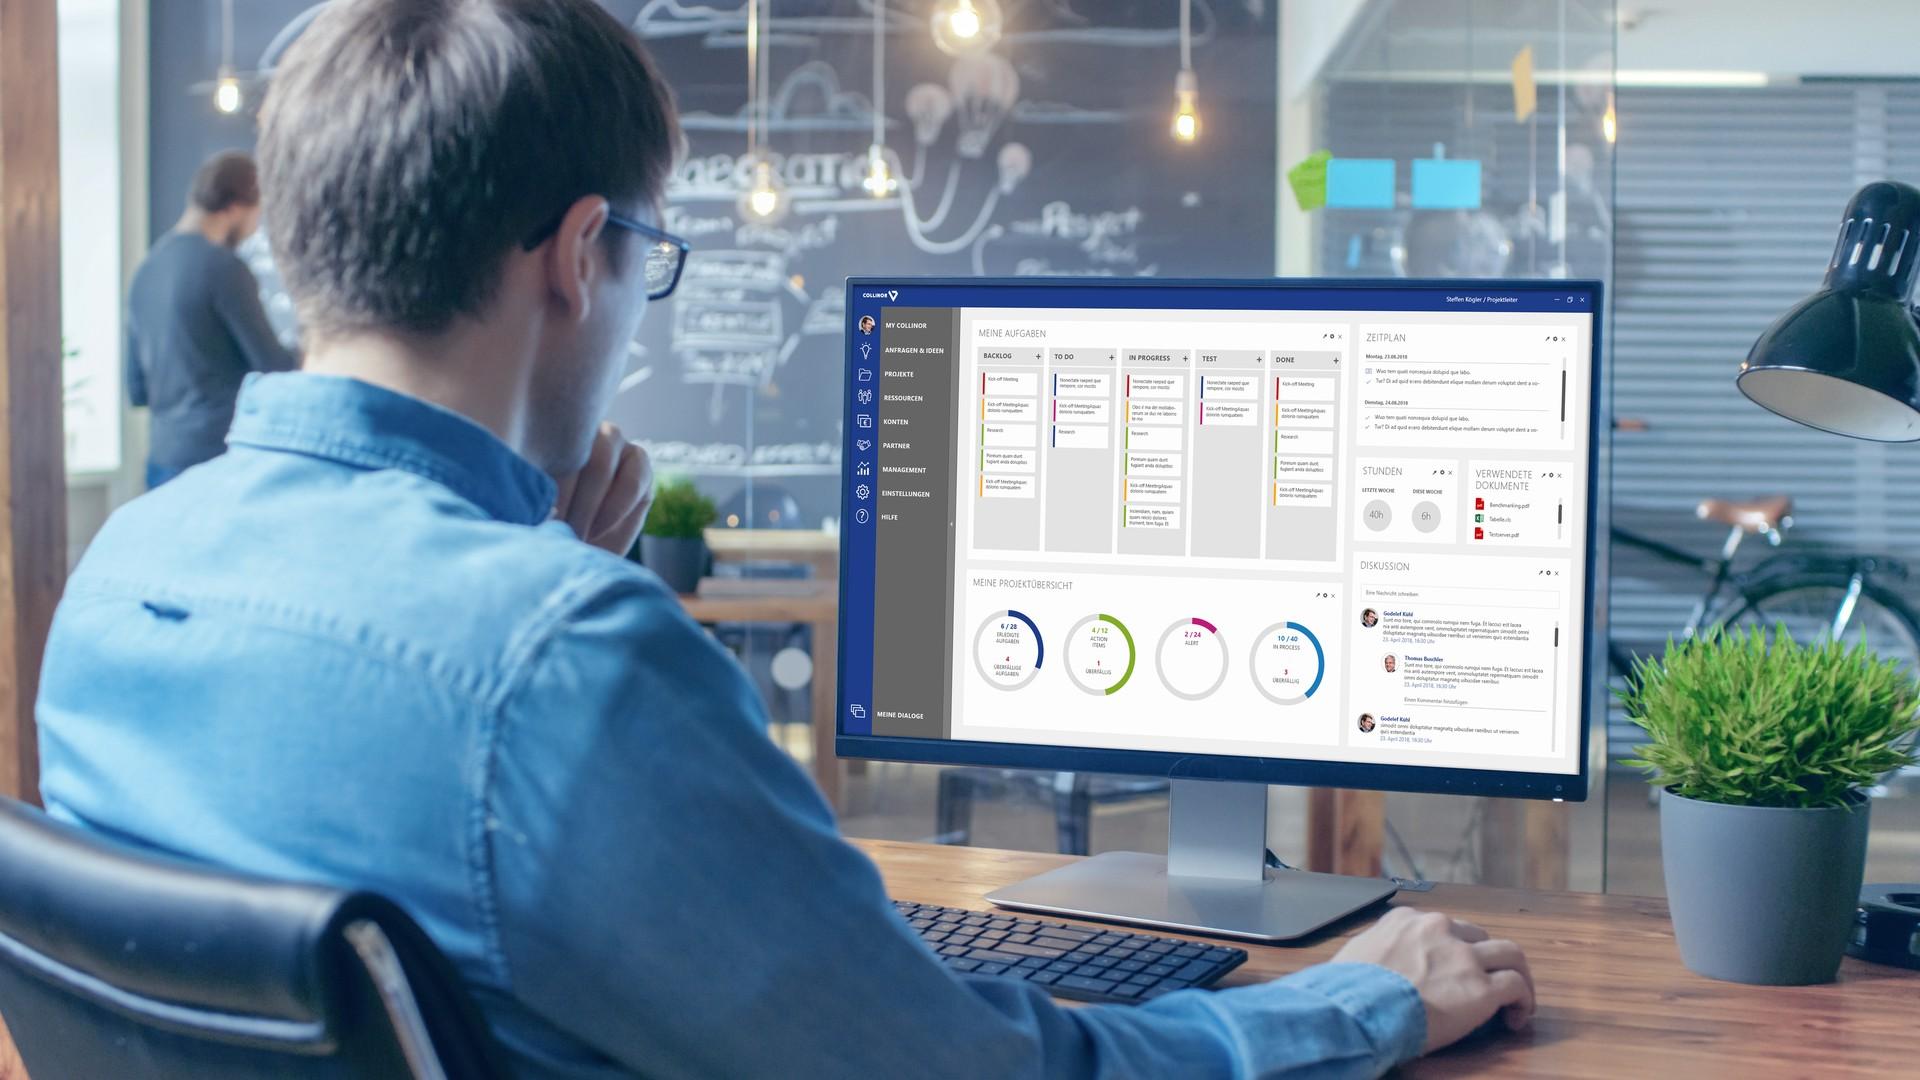 Alle Projekte im Griff: Neues Multiprojektmanagement-Tool Collinor 7 punktet mit klarem Design, Arbeitserleichterung und Vielseitigkeit